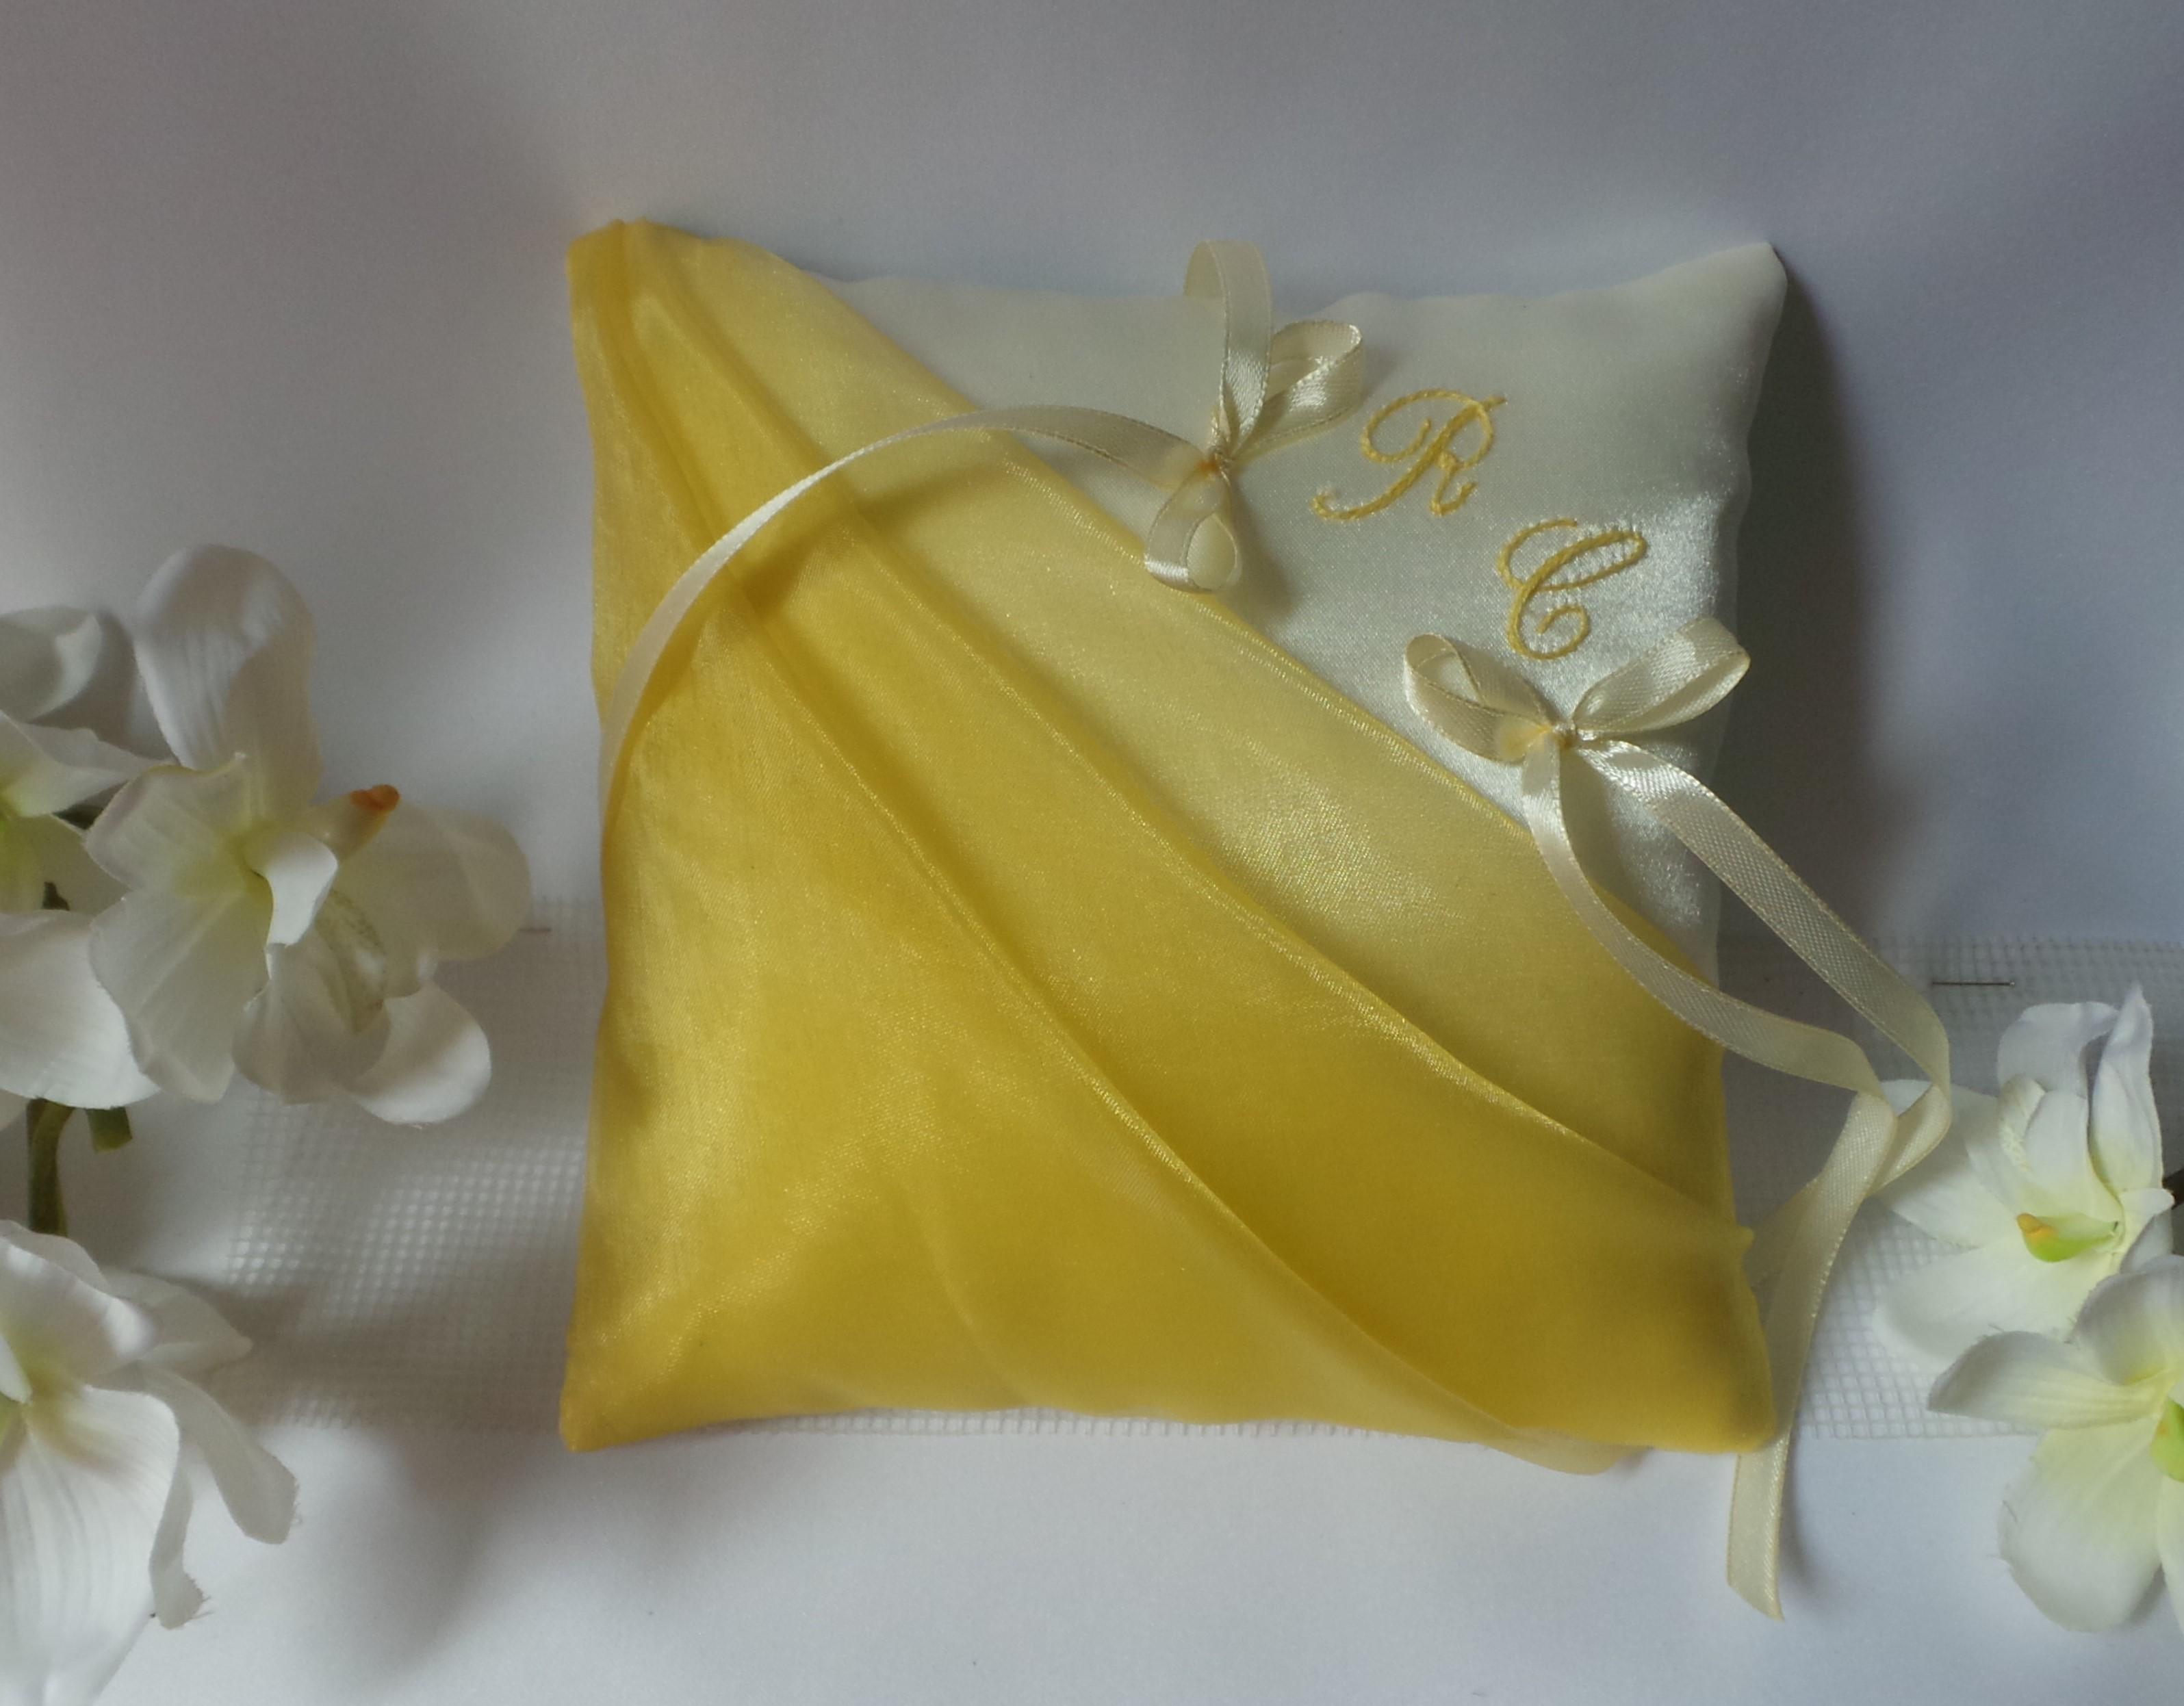 Coussin alliance personnalise jaune et ivoire ou blanc